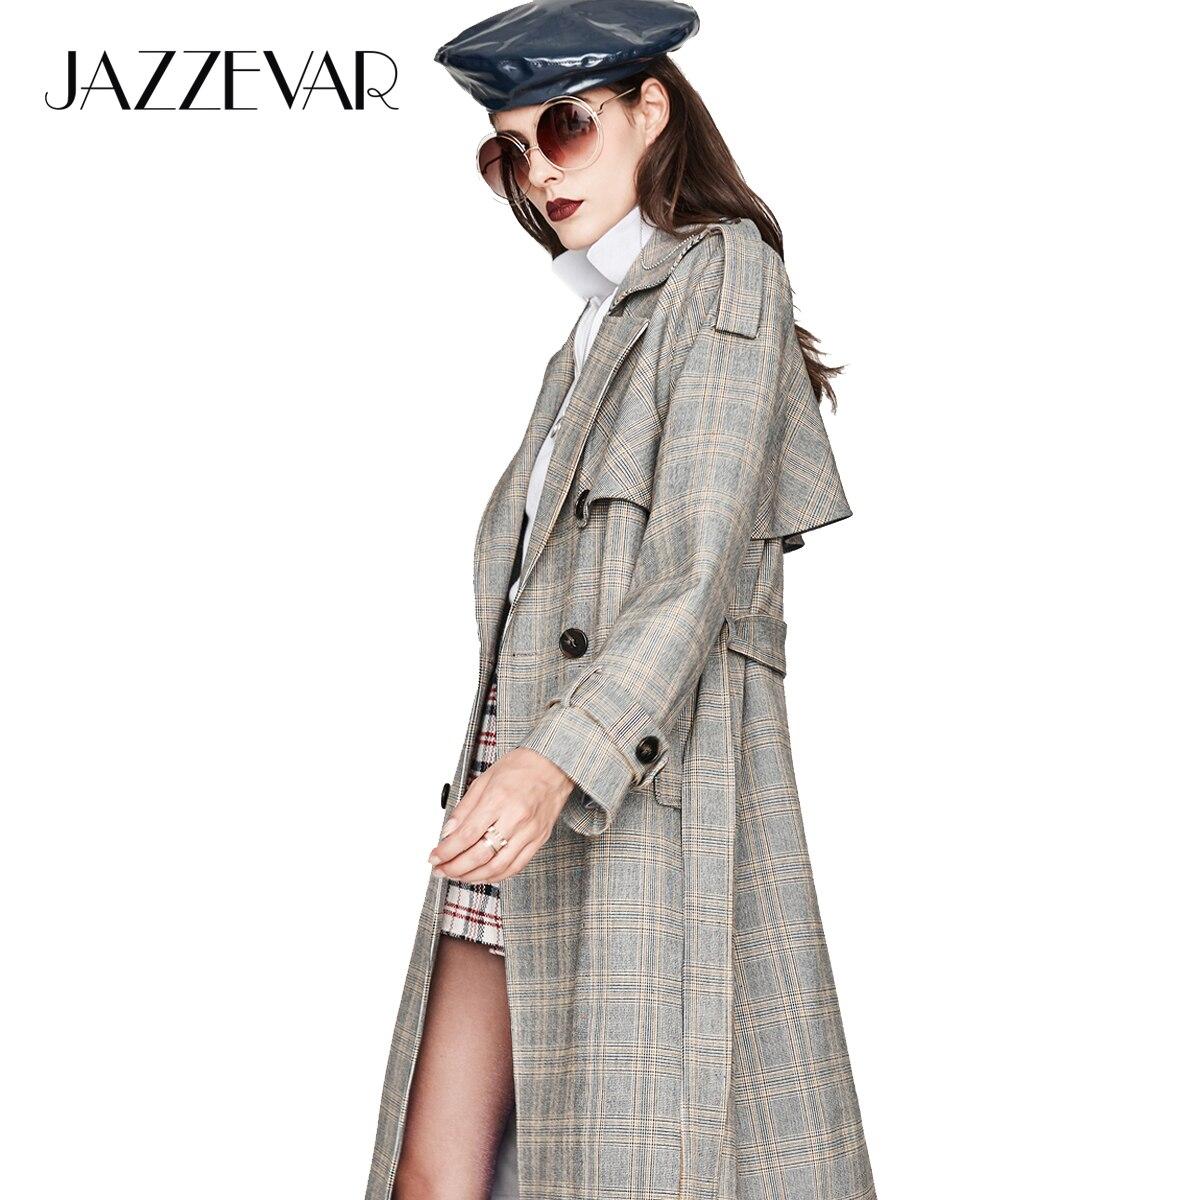 JAZZEVAR nowy 2019 jesienna moda ulicy na co dzień kobiet w stylu Vintage plaid podwójne piersi wykop płaszcz odzieży wysokiej jakości w Wełna i mieszanki od Odzież damska na  Grupa 1